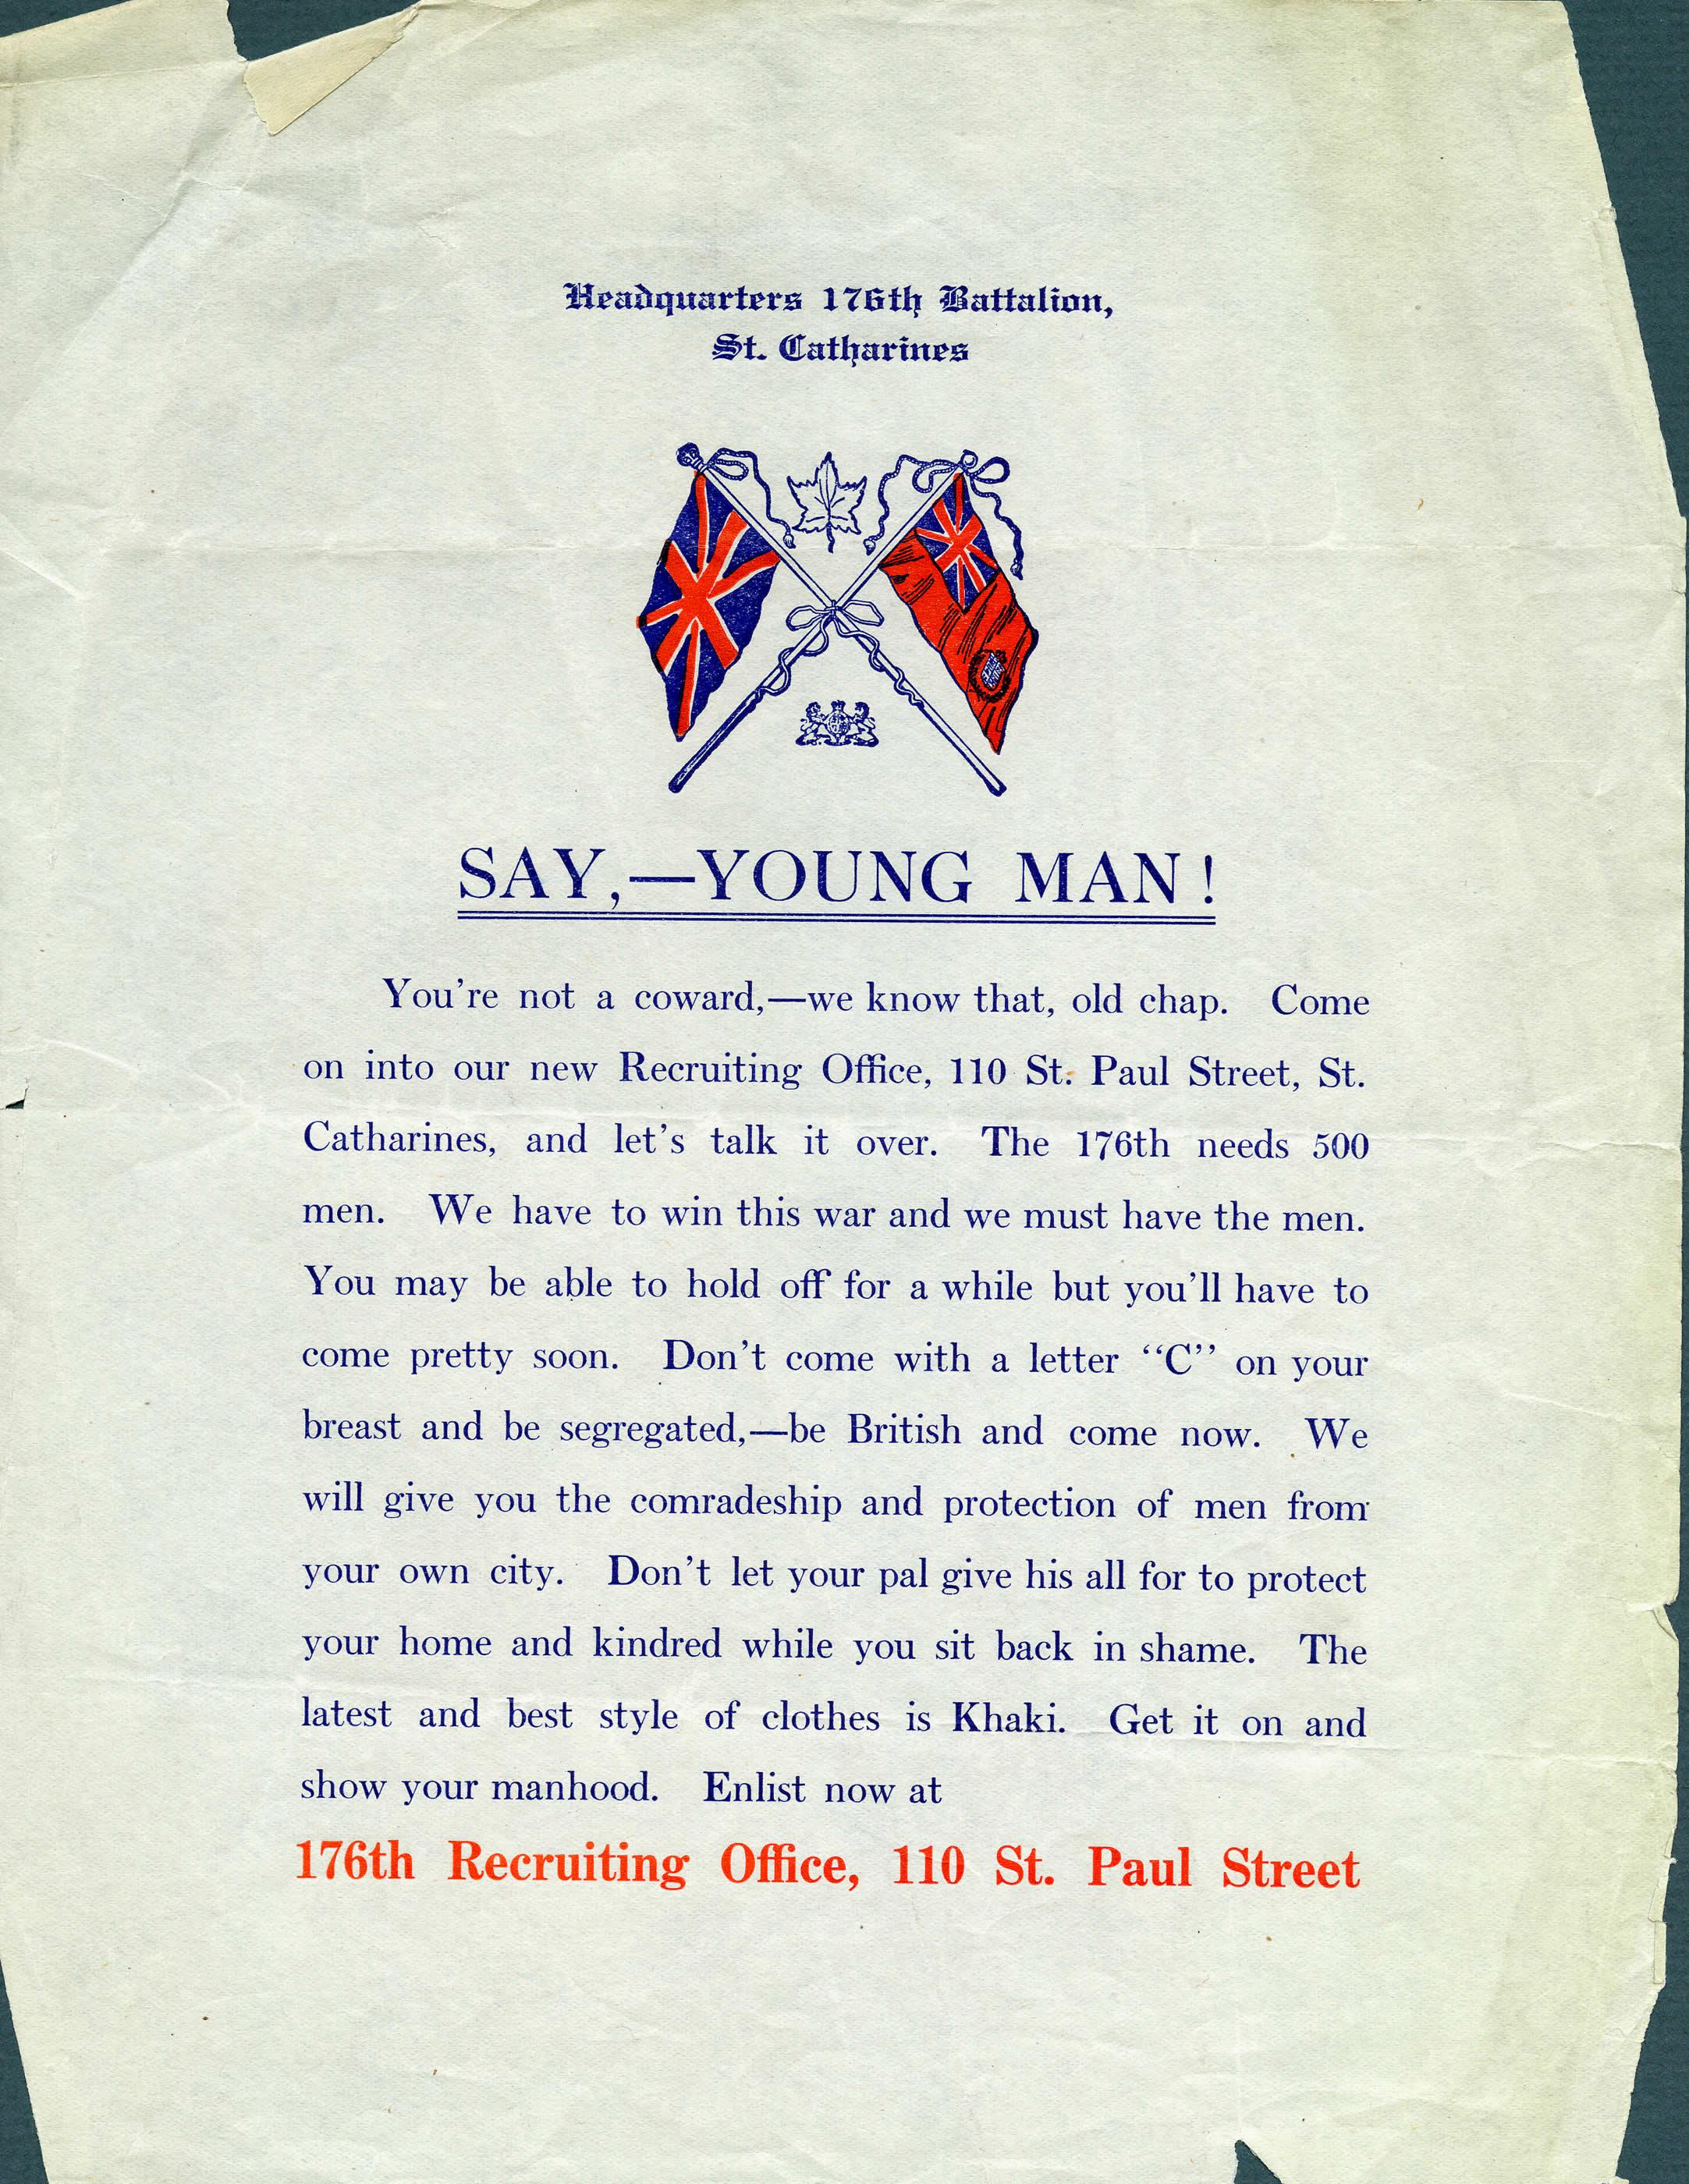 <i>Say, - Young Man!</i>